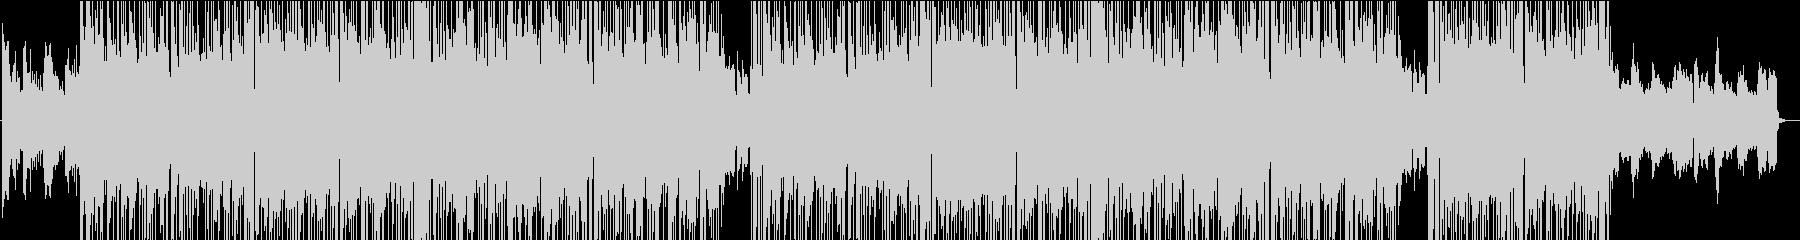 スムースジャズのリラックストラックの未再生の波形